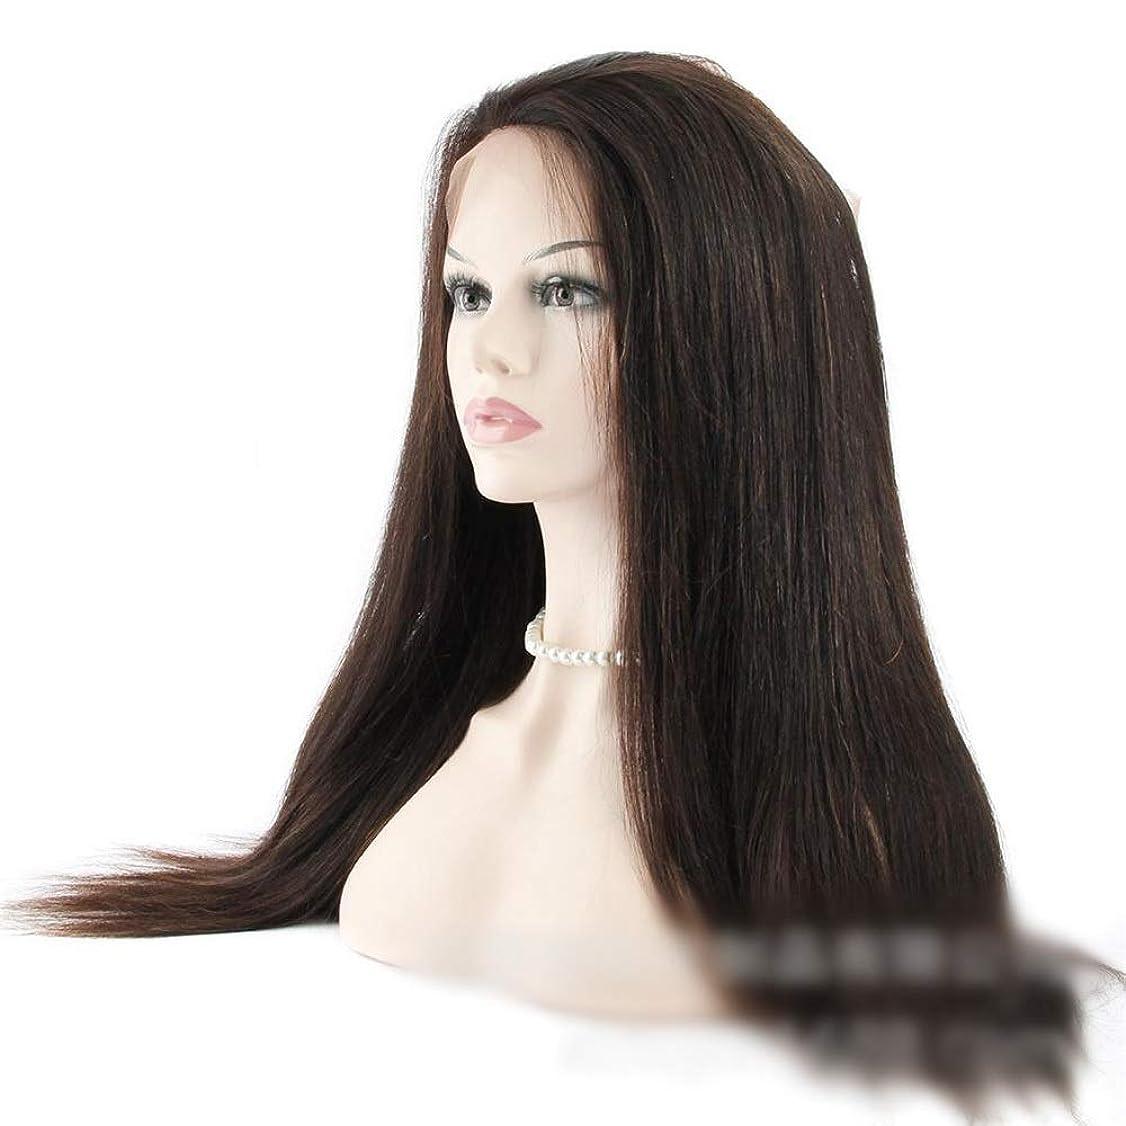 連帯貫通するのためにHOHYLLYA 360レース前頭閉鎖ブラジル人毛ストレートナチュラルブラックカラー(14インチ-20インチ)ロングストレートウィッグ (Color : ブラック, サイズ : 18 inch)